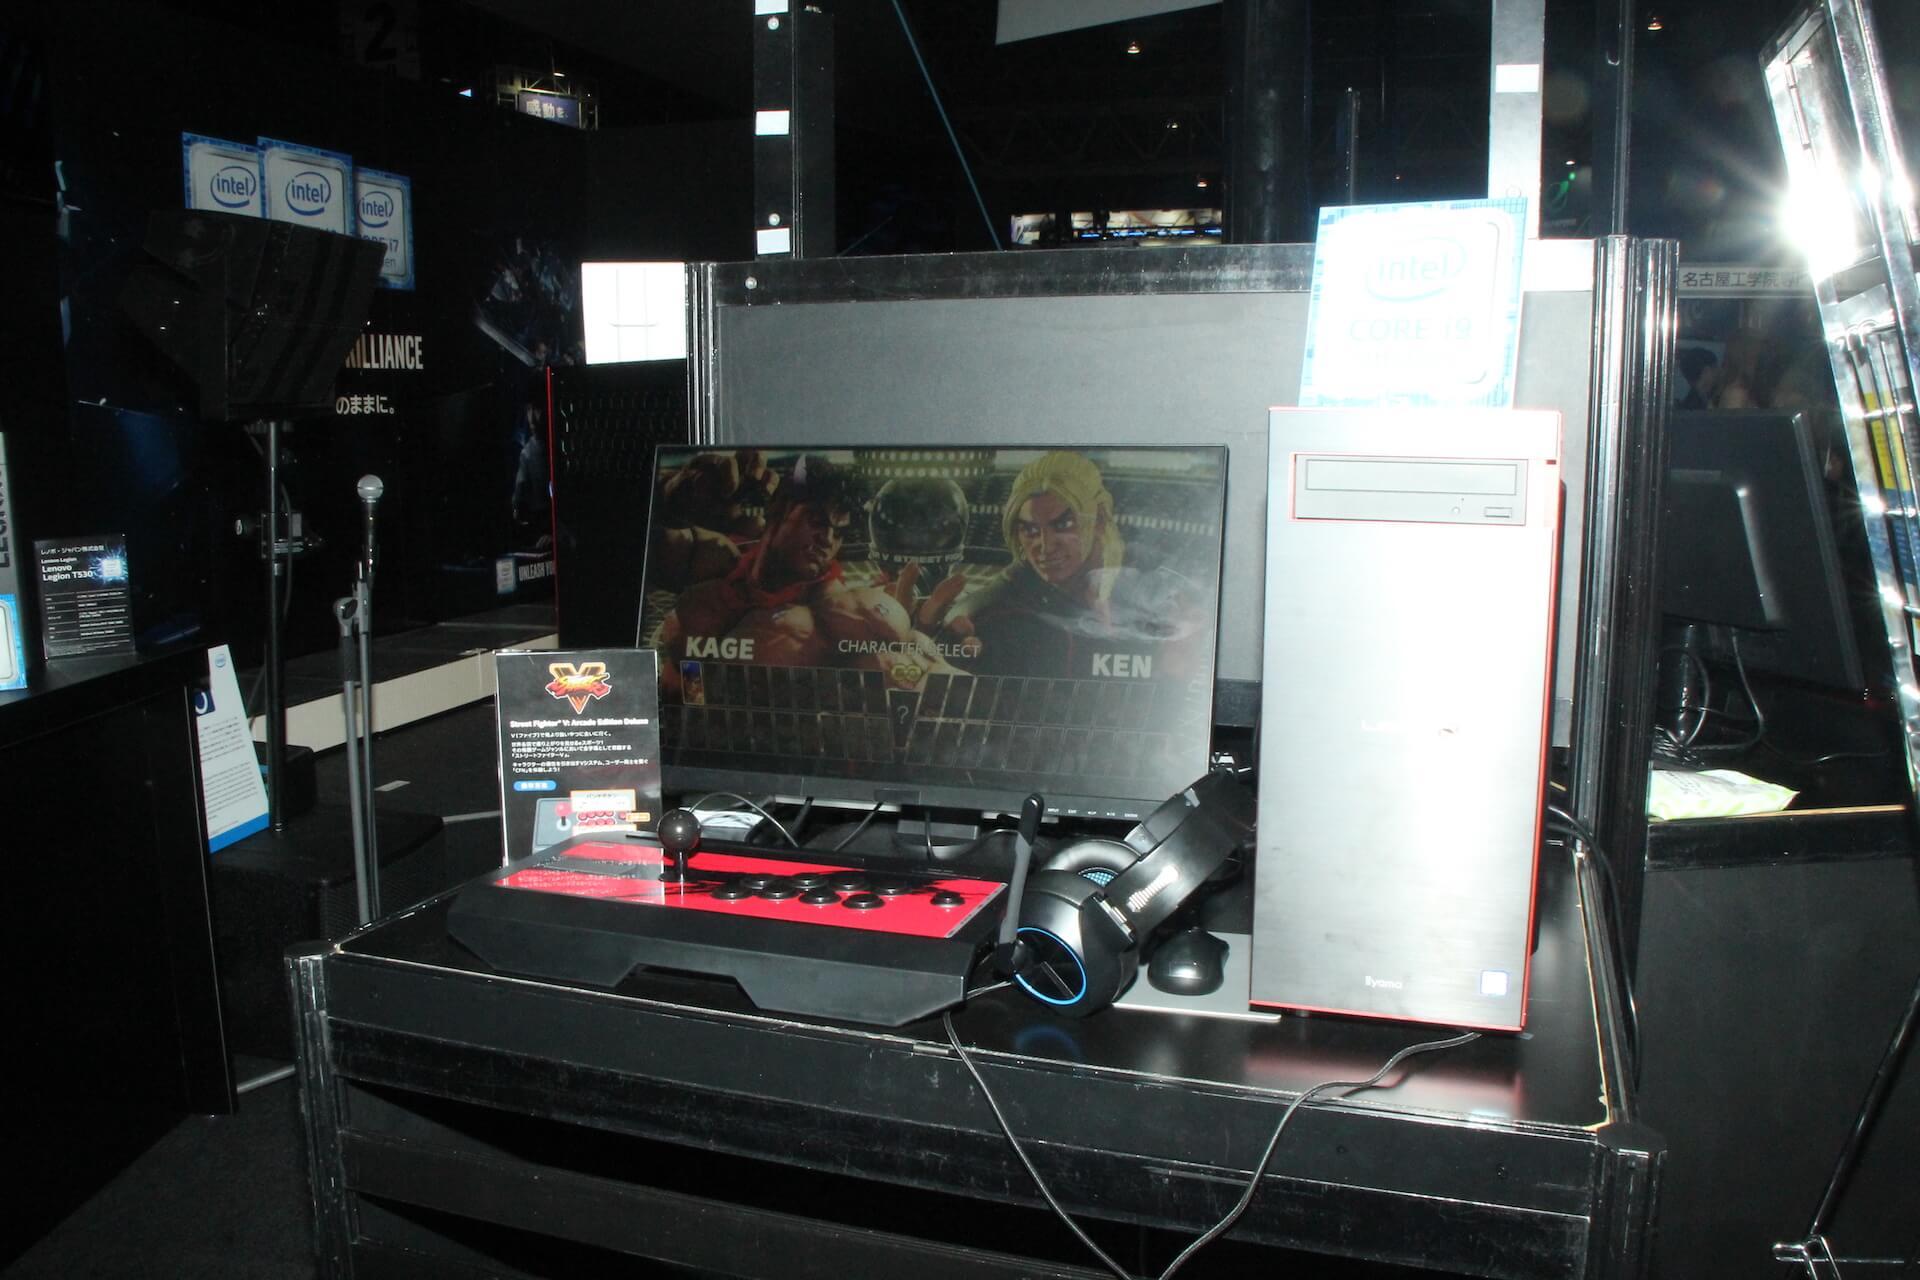 「東京ゲームショウ 2019」インテルが「Intel World Open」開催を発表「日本でeスポーツの裾野を広げるため」 tech190918_tokyogameshow2019_3